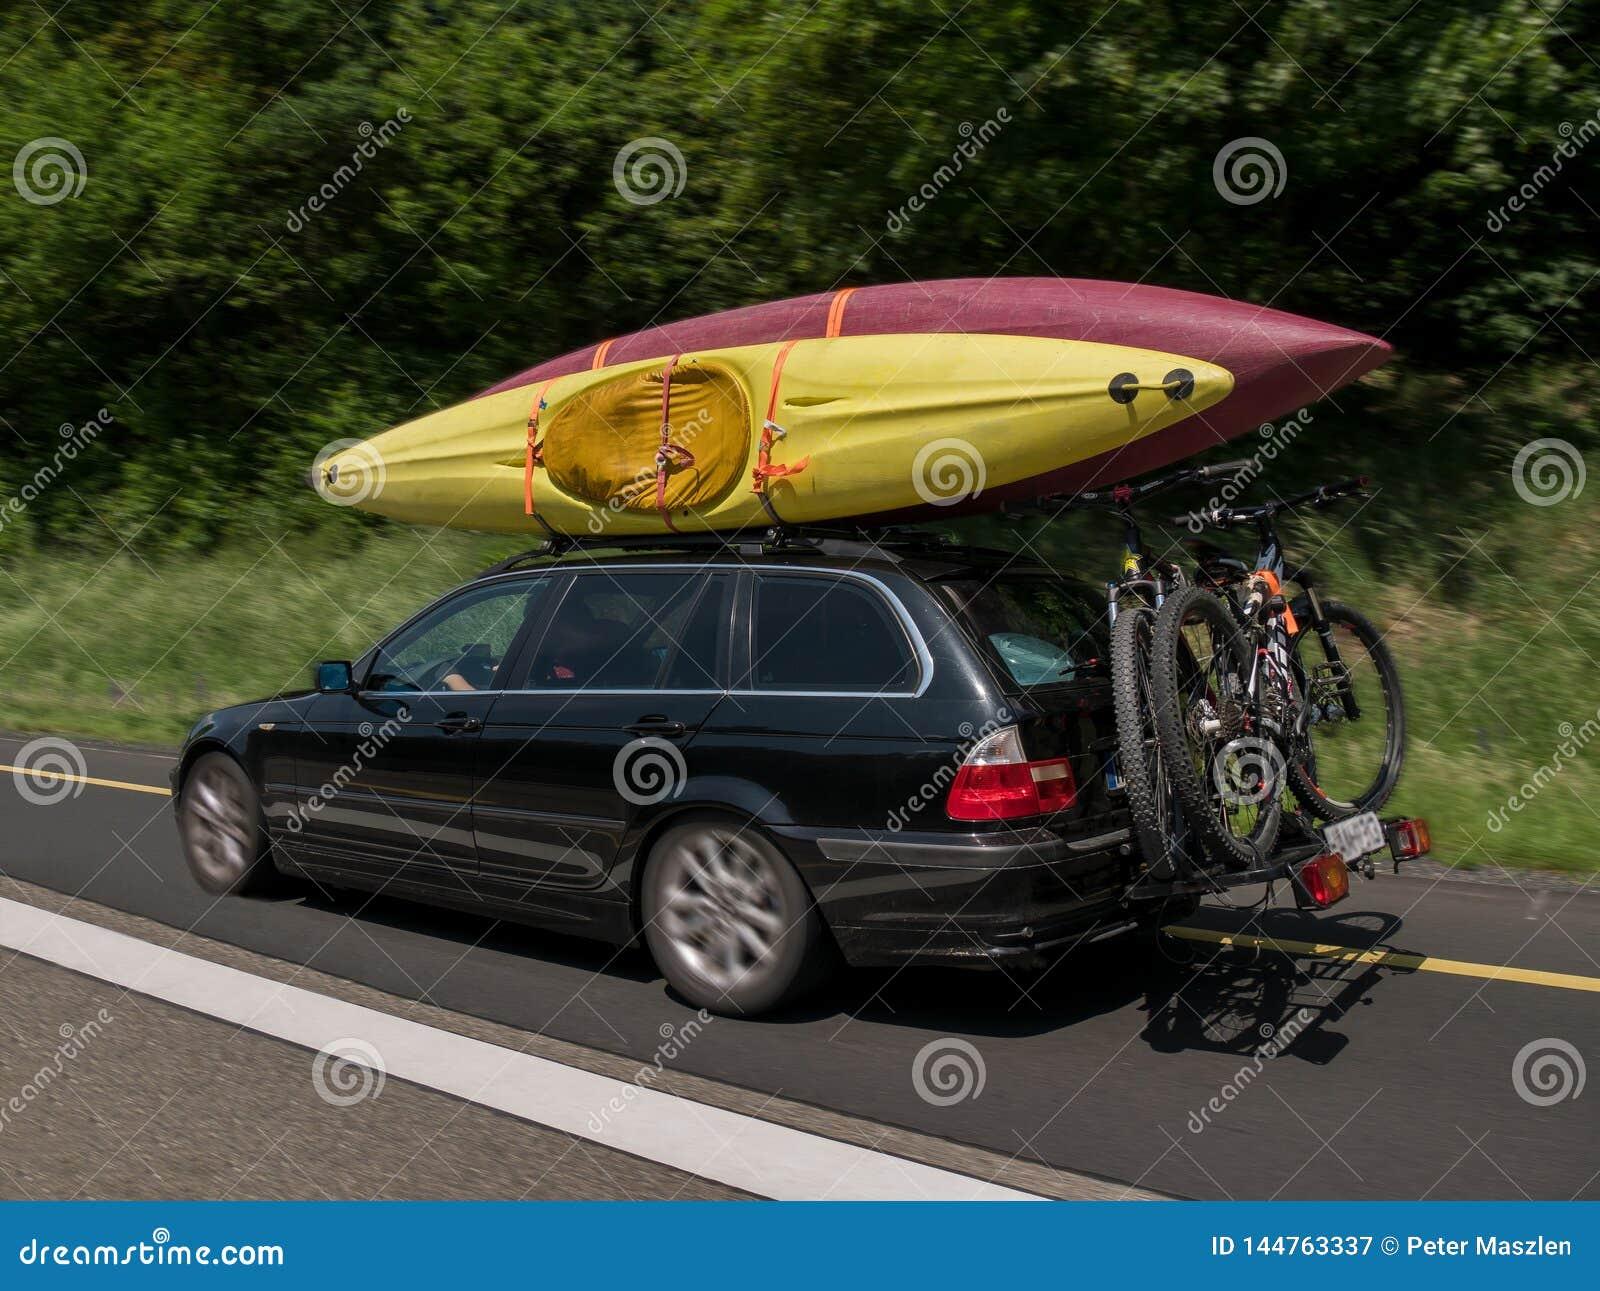 Автомобиль с каяками на верхней части и велосипедами на задней части и